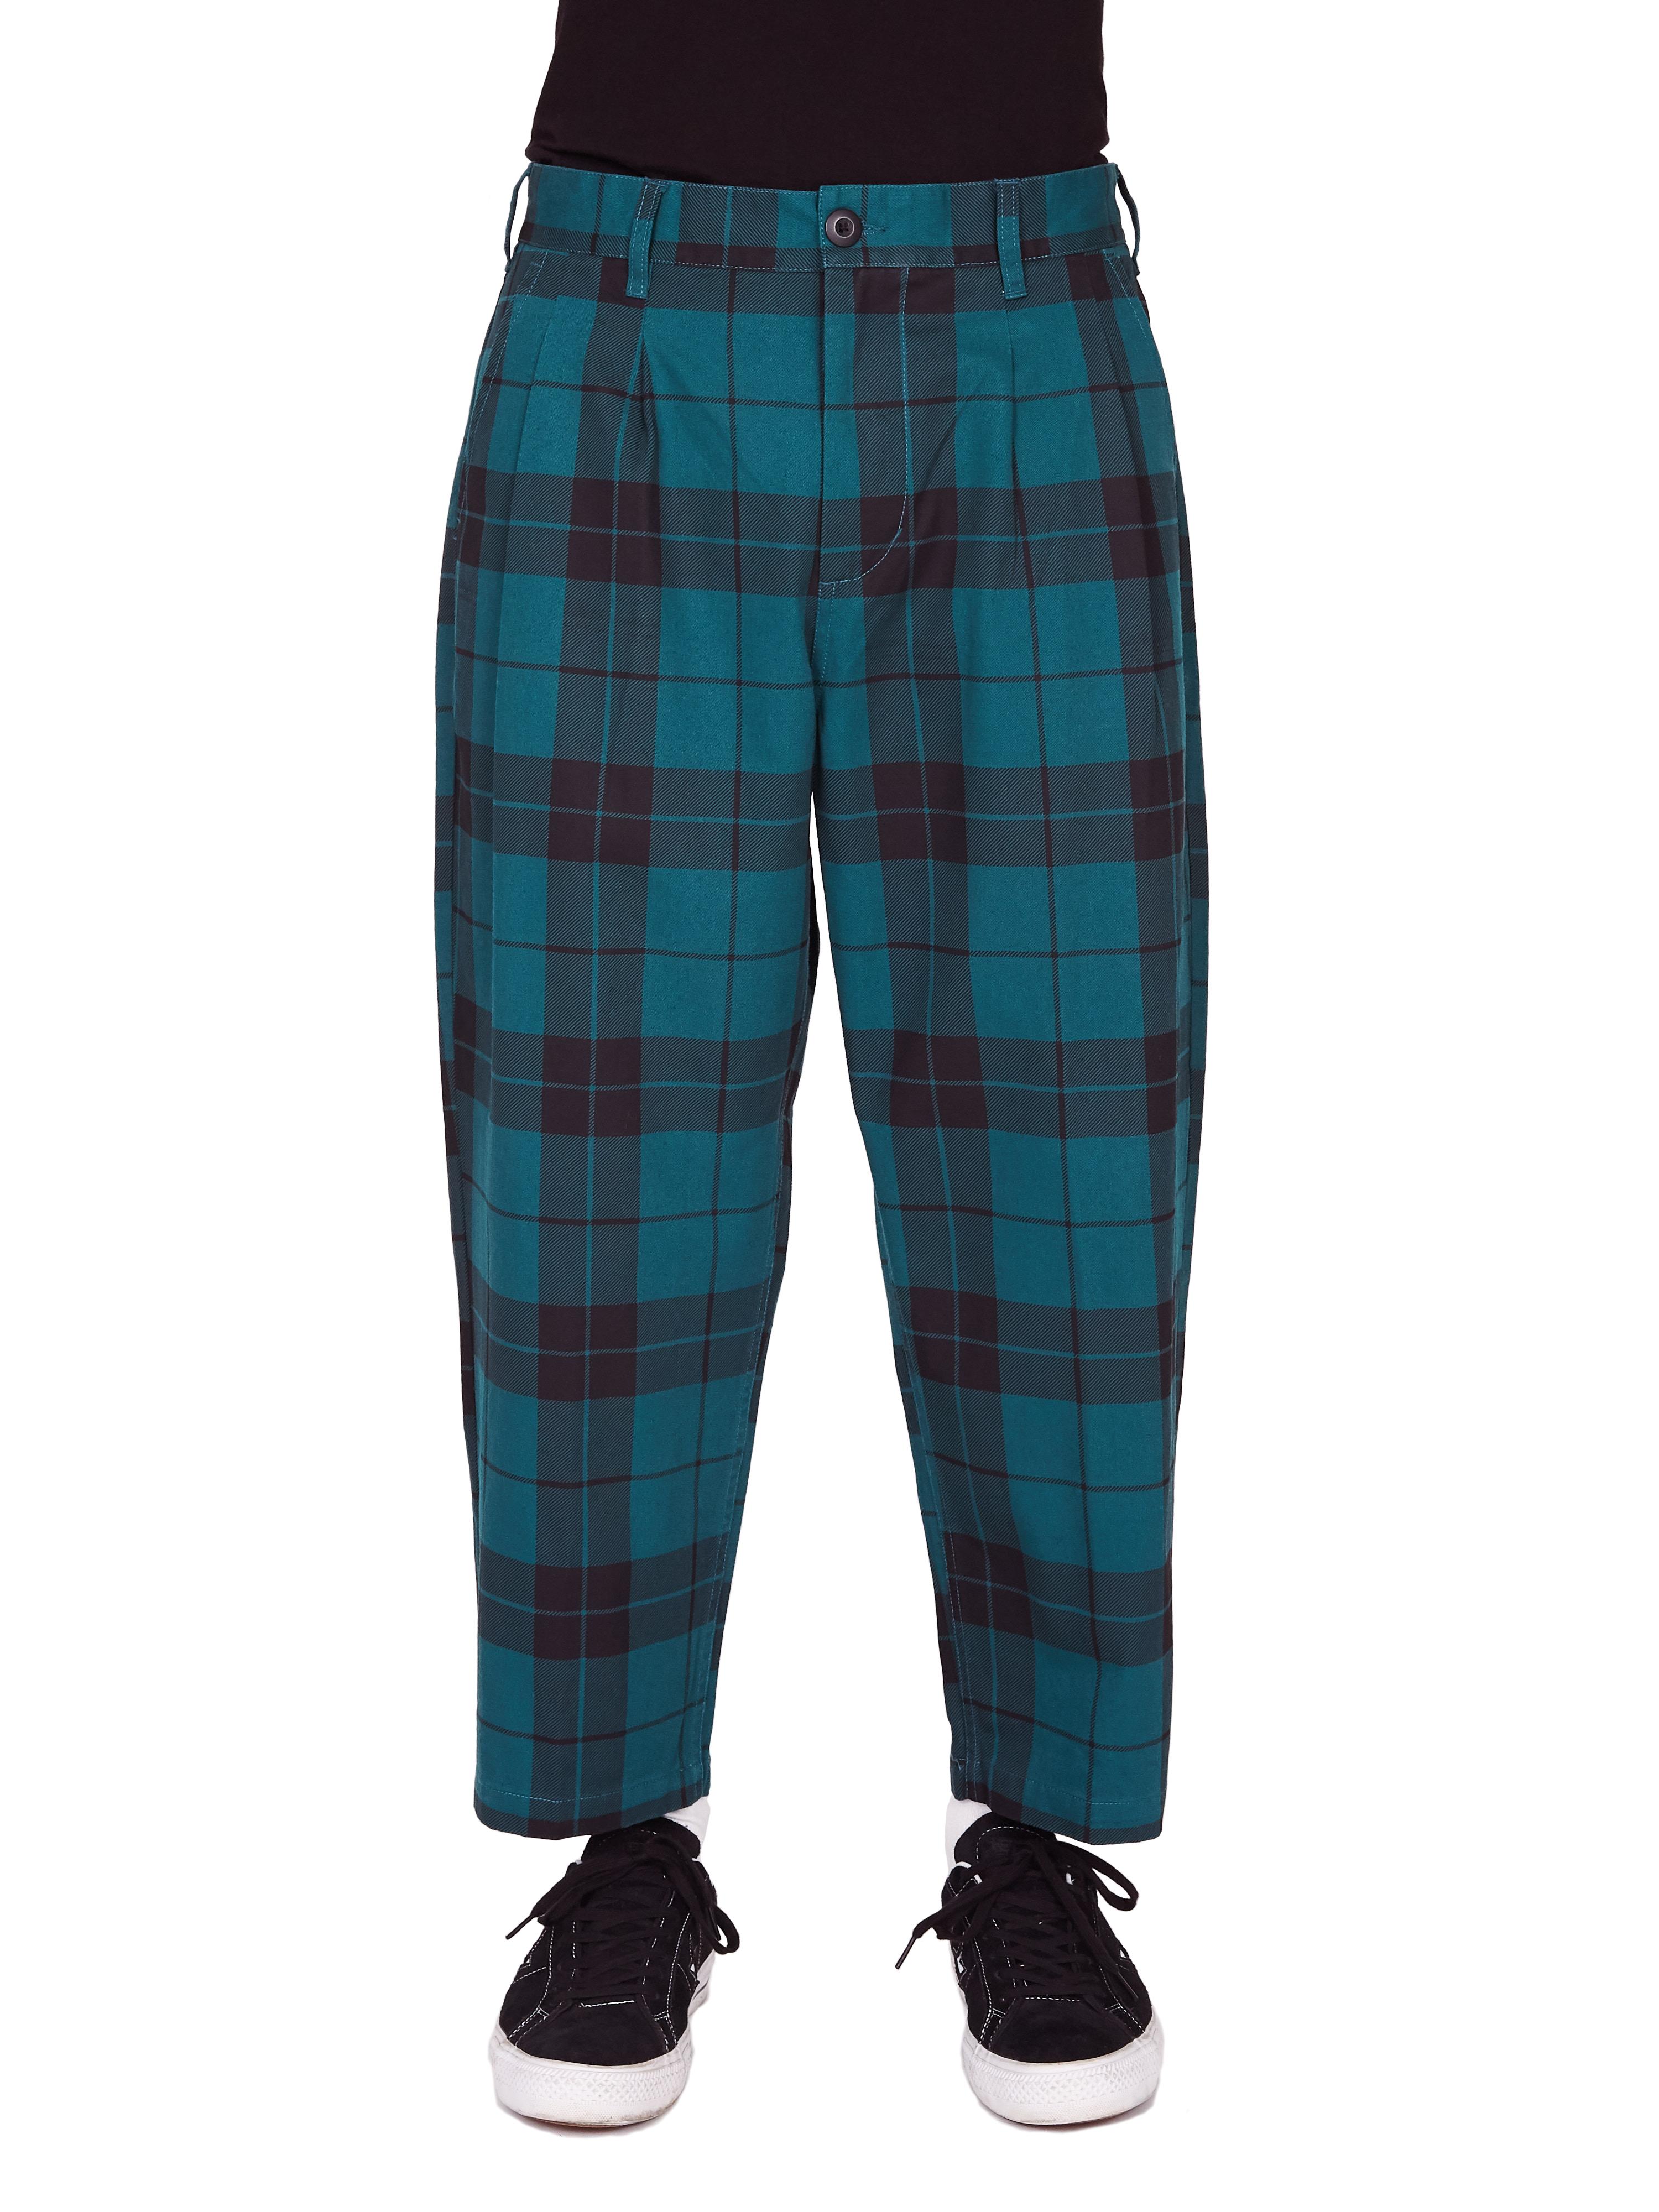 Fubar Pleated Plaid Pant Obey Clothing Uk